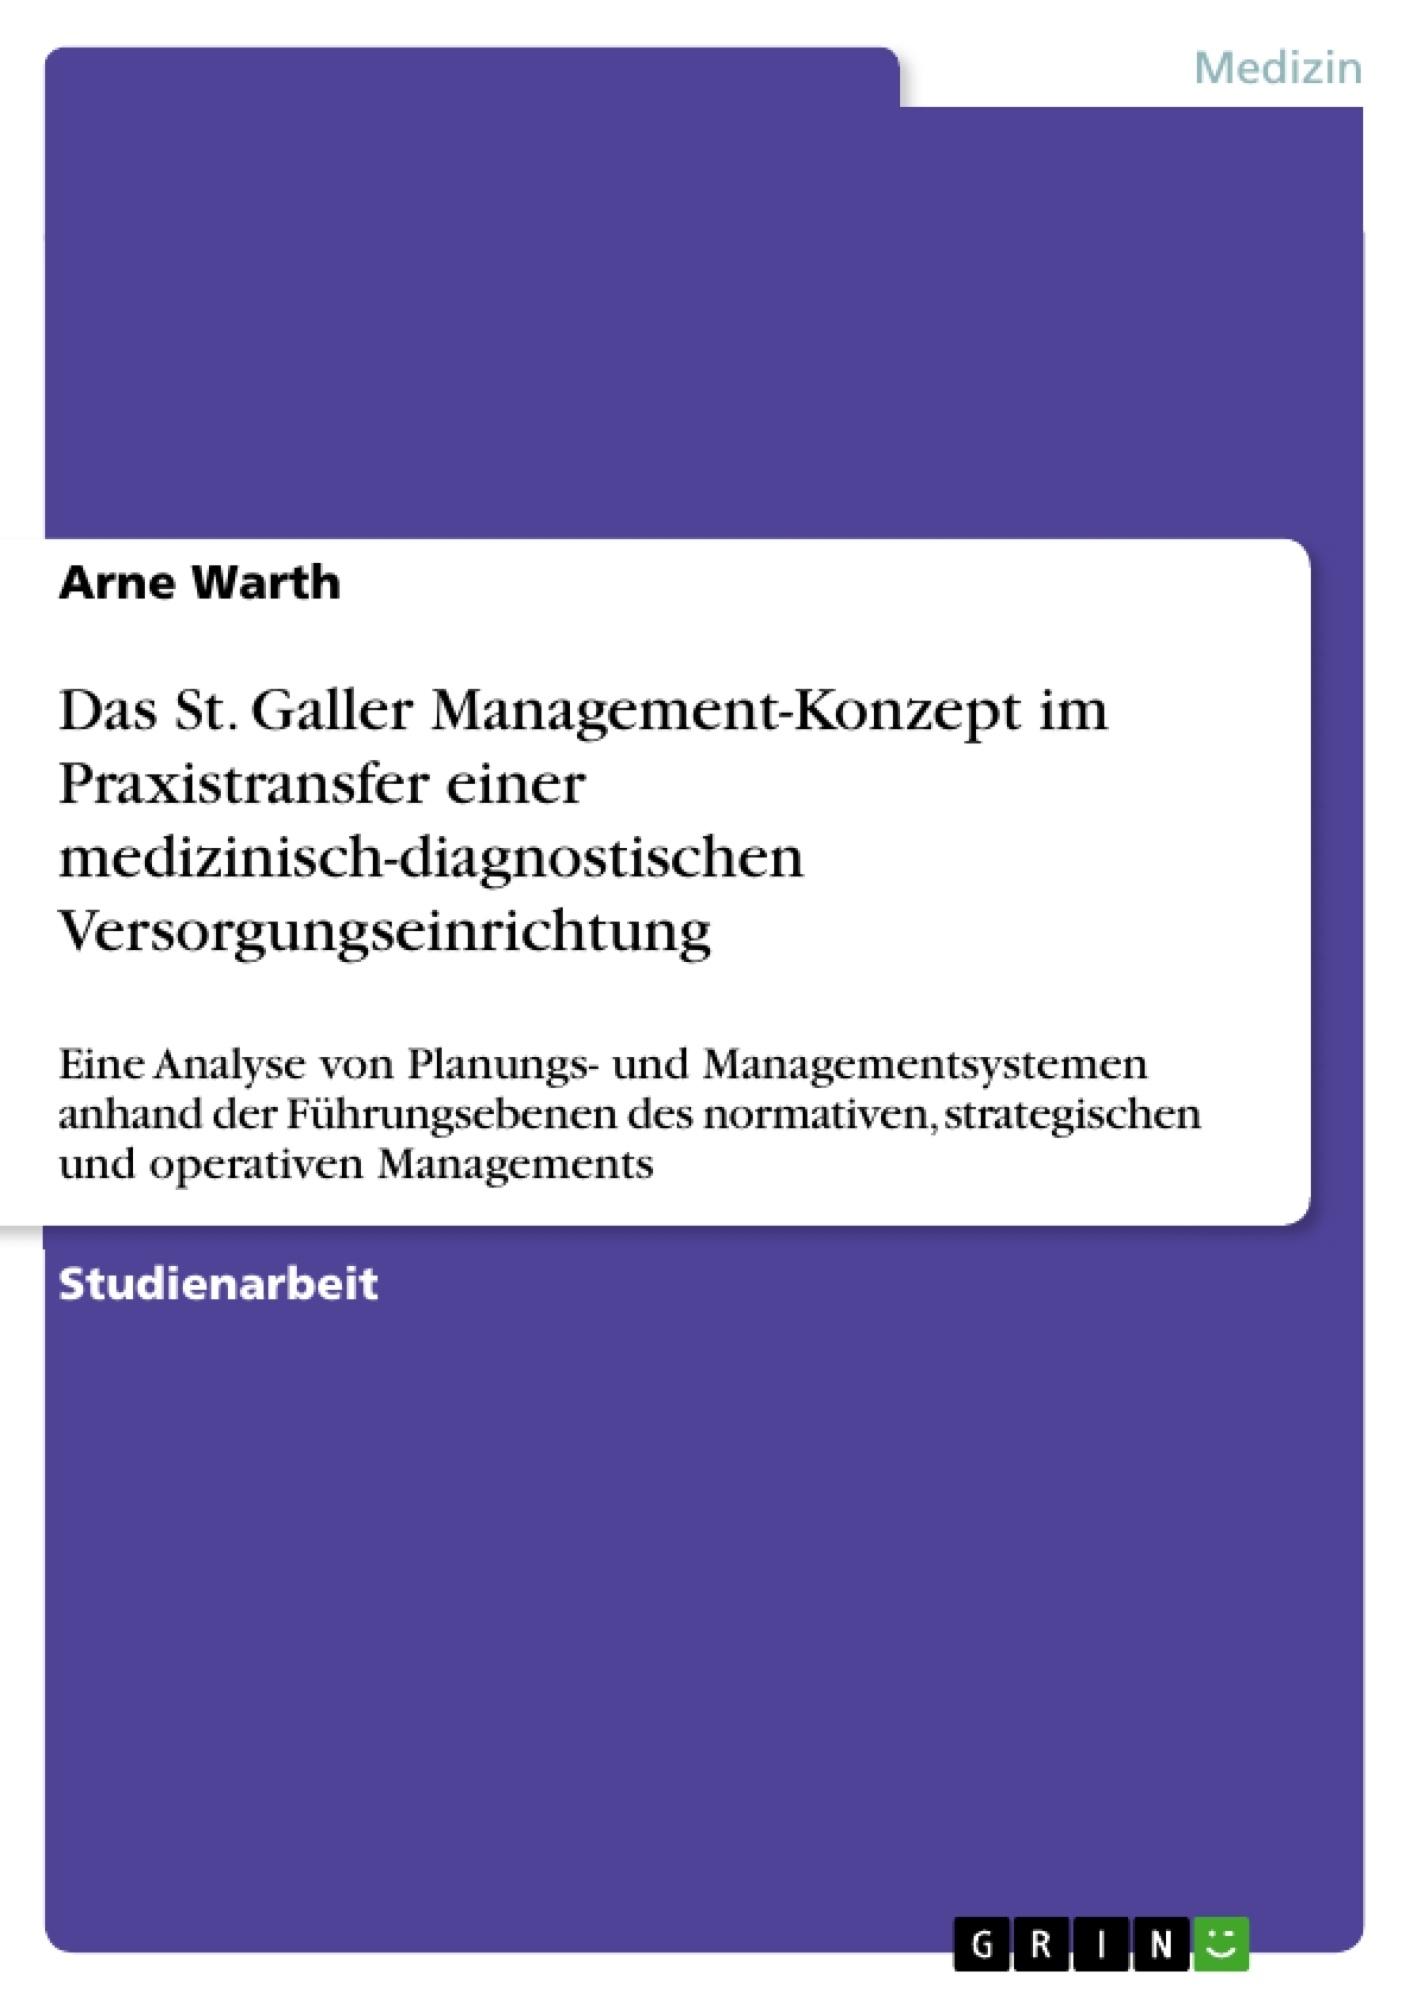 Titel: Das St. Galler Management-Konzept im Praxistransfer einer medizinisch-diagnostischen Versorgungseinrichtung